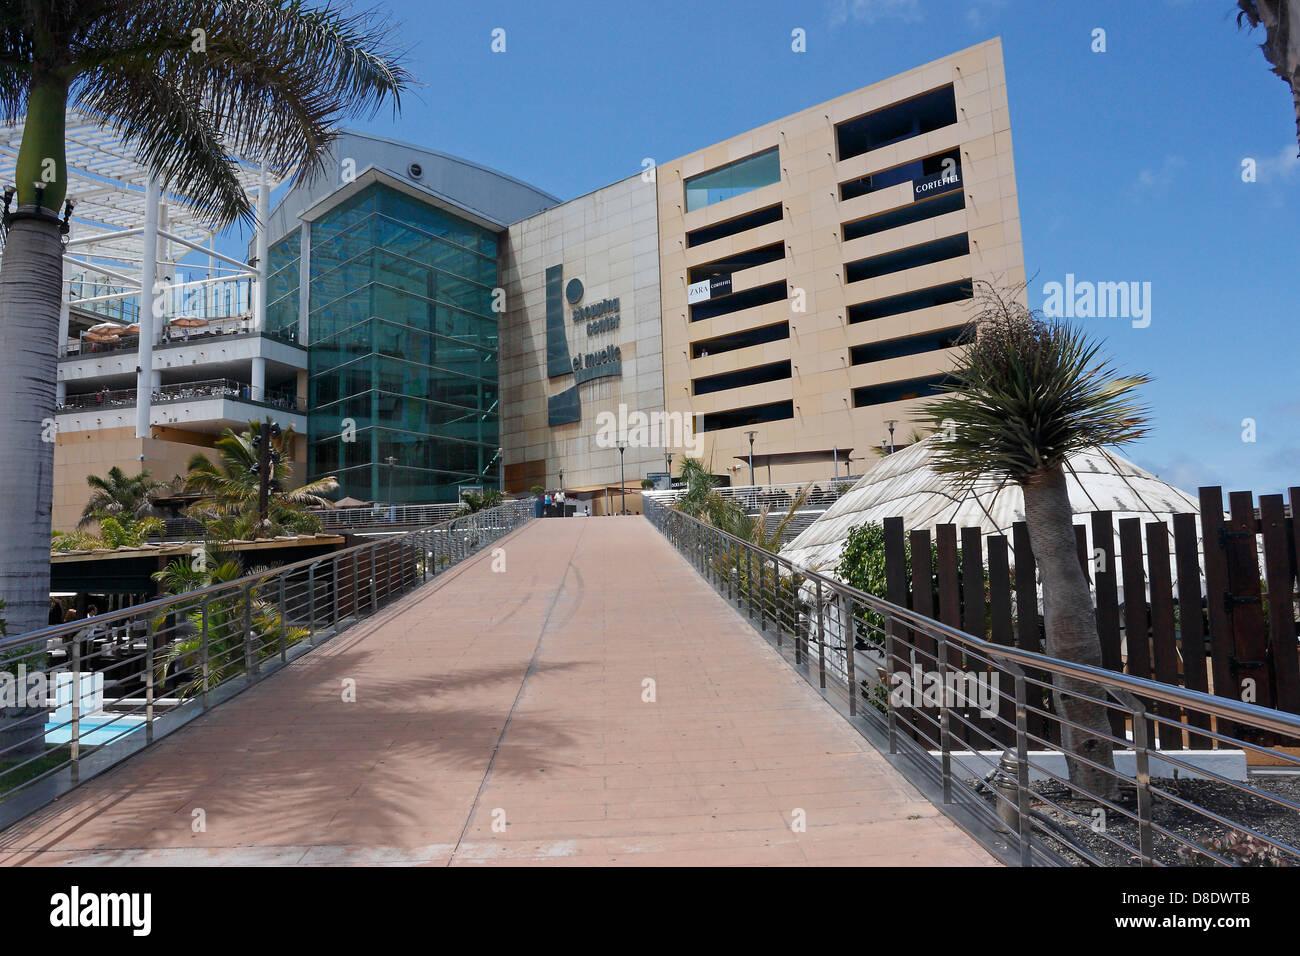 shopping centre gran canaria stockfotos shopping centre gran canaria bilder alamy. Black Bedroom Furniture Sets. Home Design Ideas